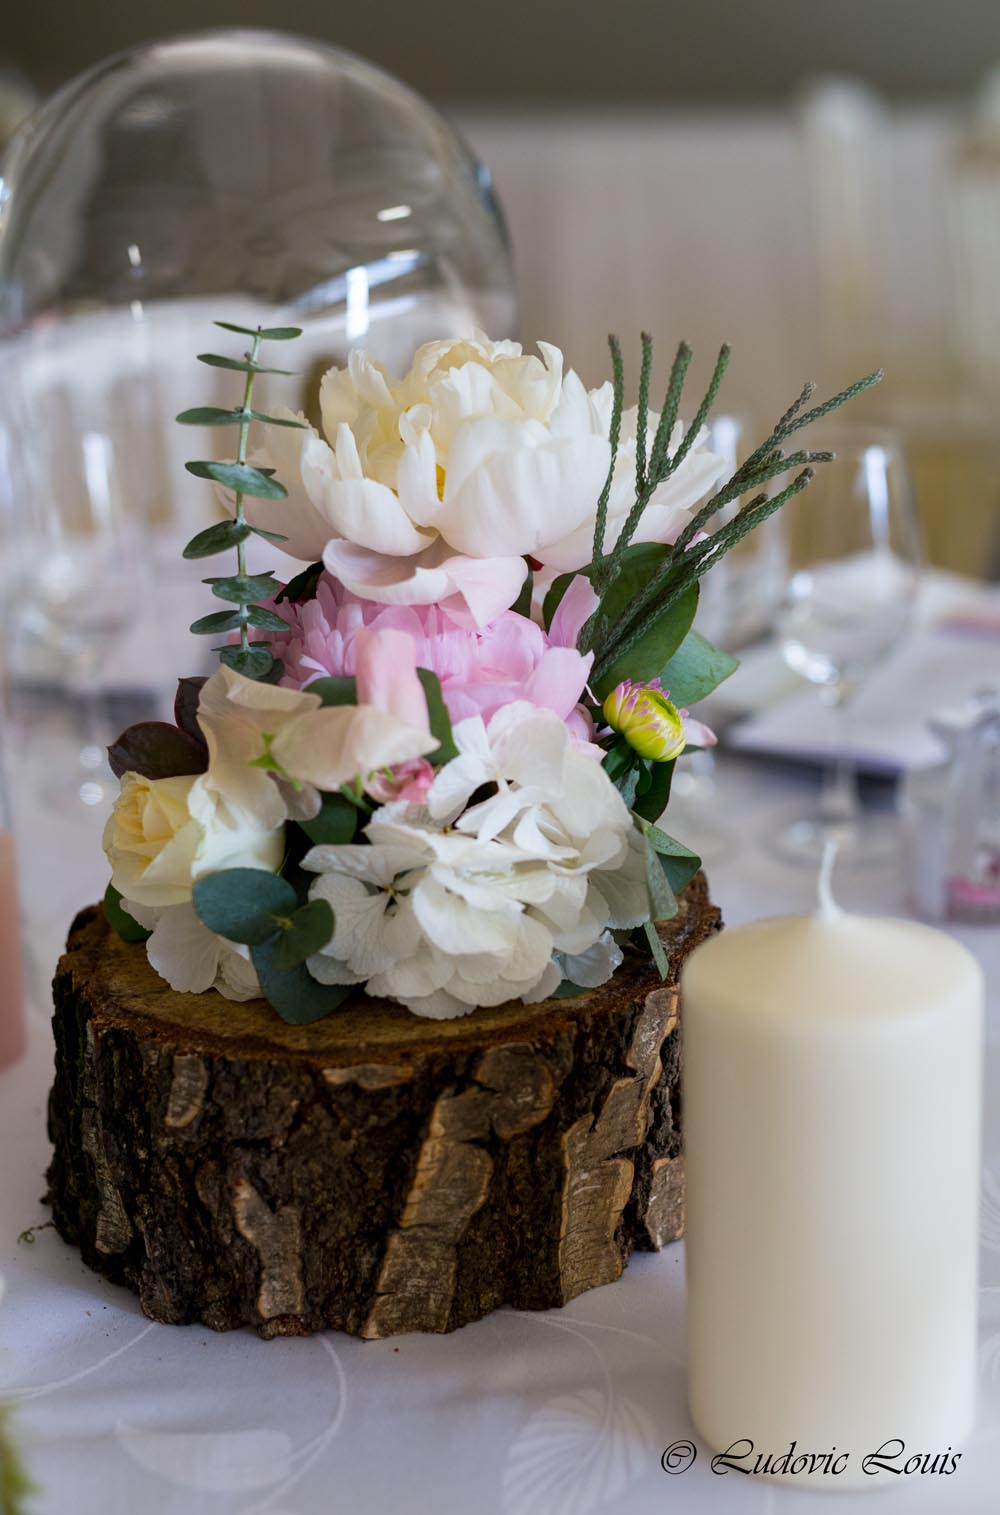 Décoration De Table Fleurie Composée De Pivoines Blanches Et Roses Sur Des  Rondins